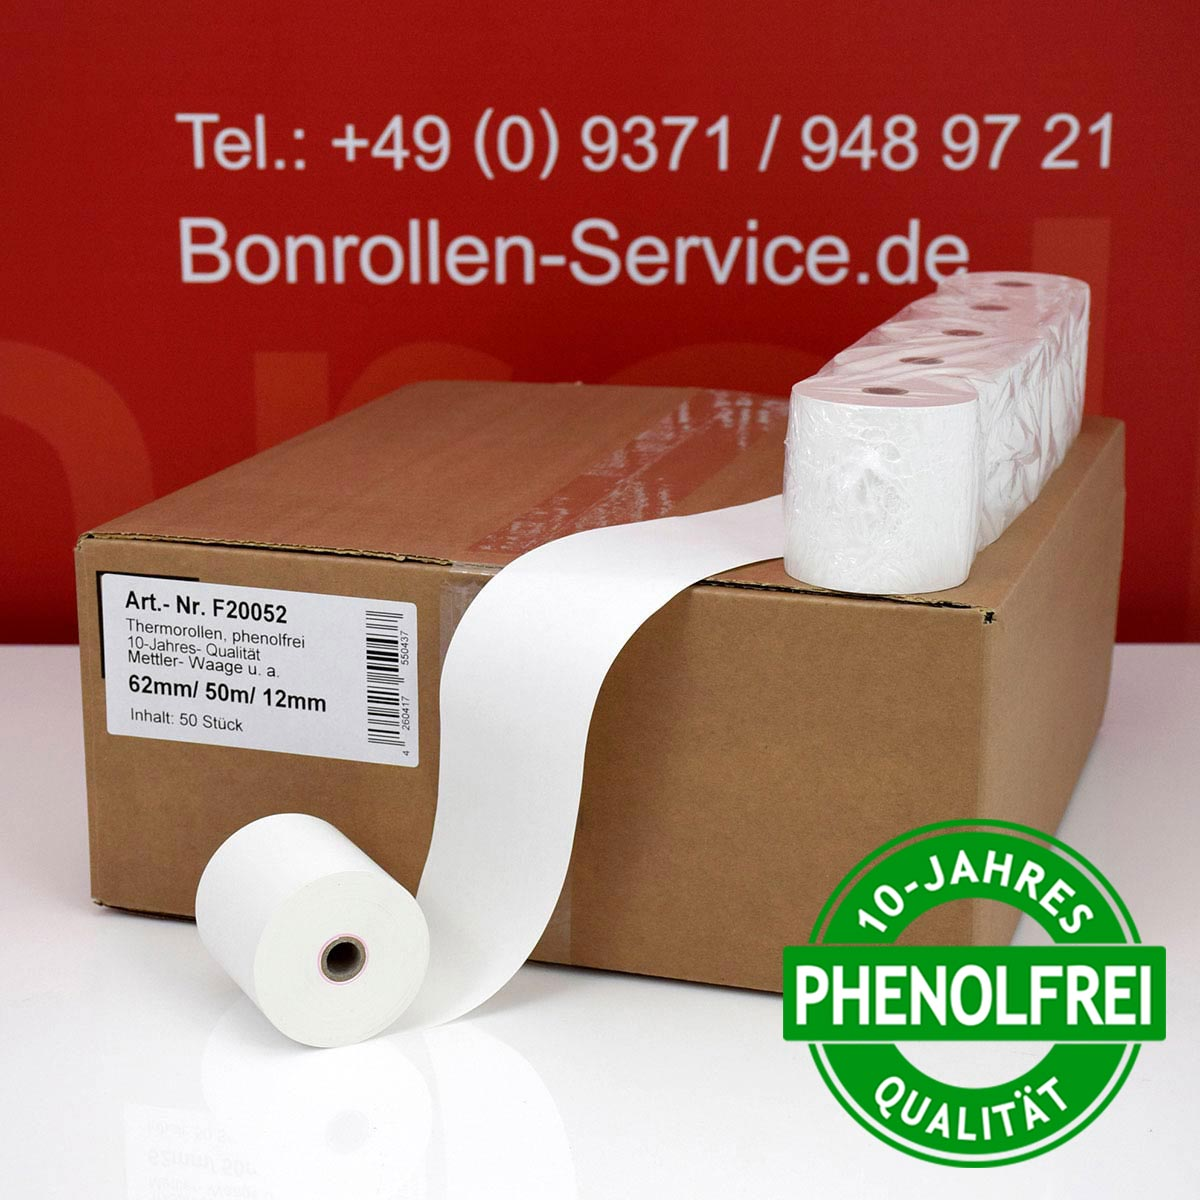 Thermorollen 62 / 50m / 12 weiß (10-Jahres-Qualität, phenolfrei)